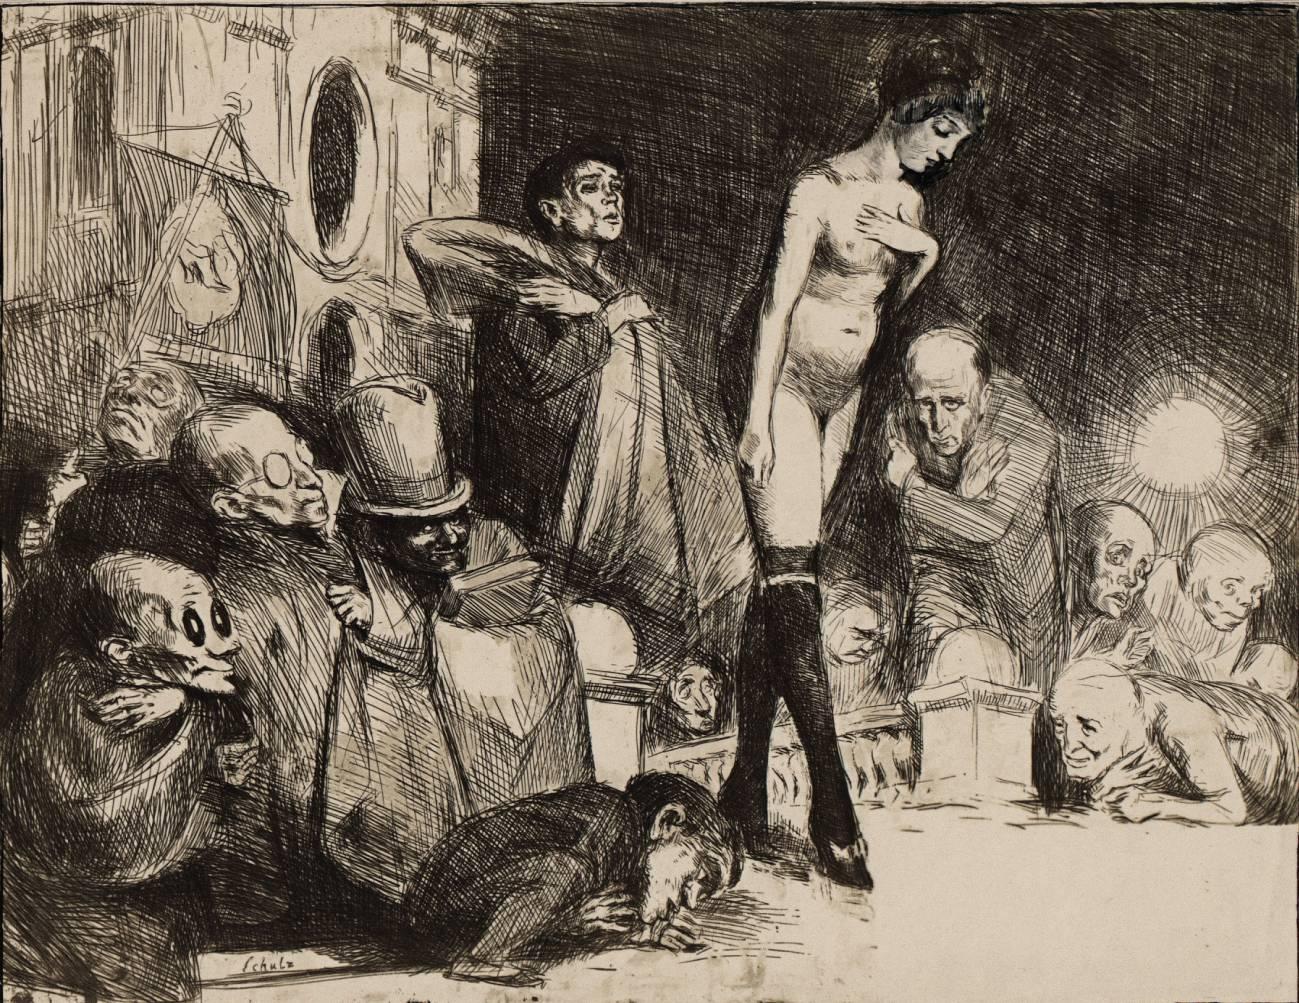 Бруно Шульц «Процессия», из цикла «Книга идолопоклонства», 1920–1921, клише-верр на бумаге